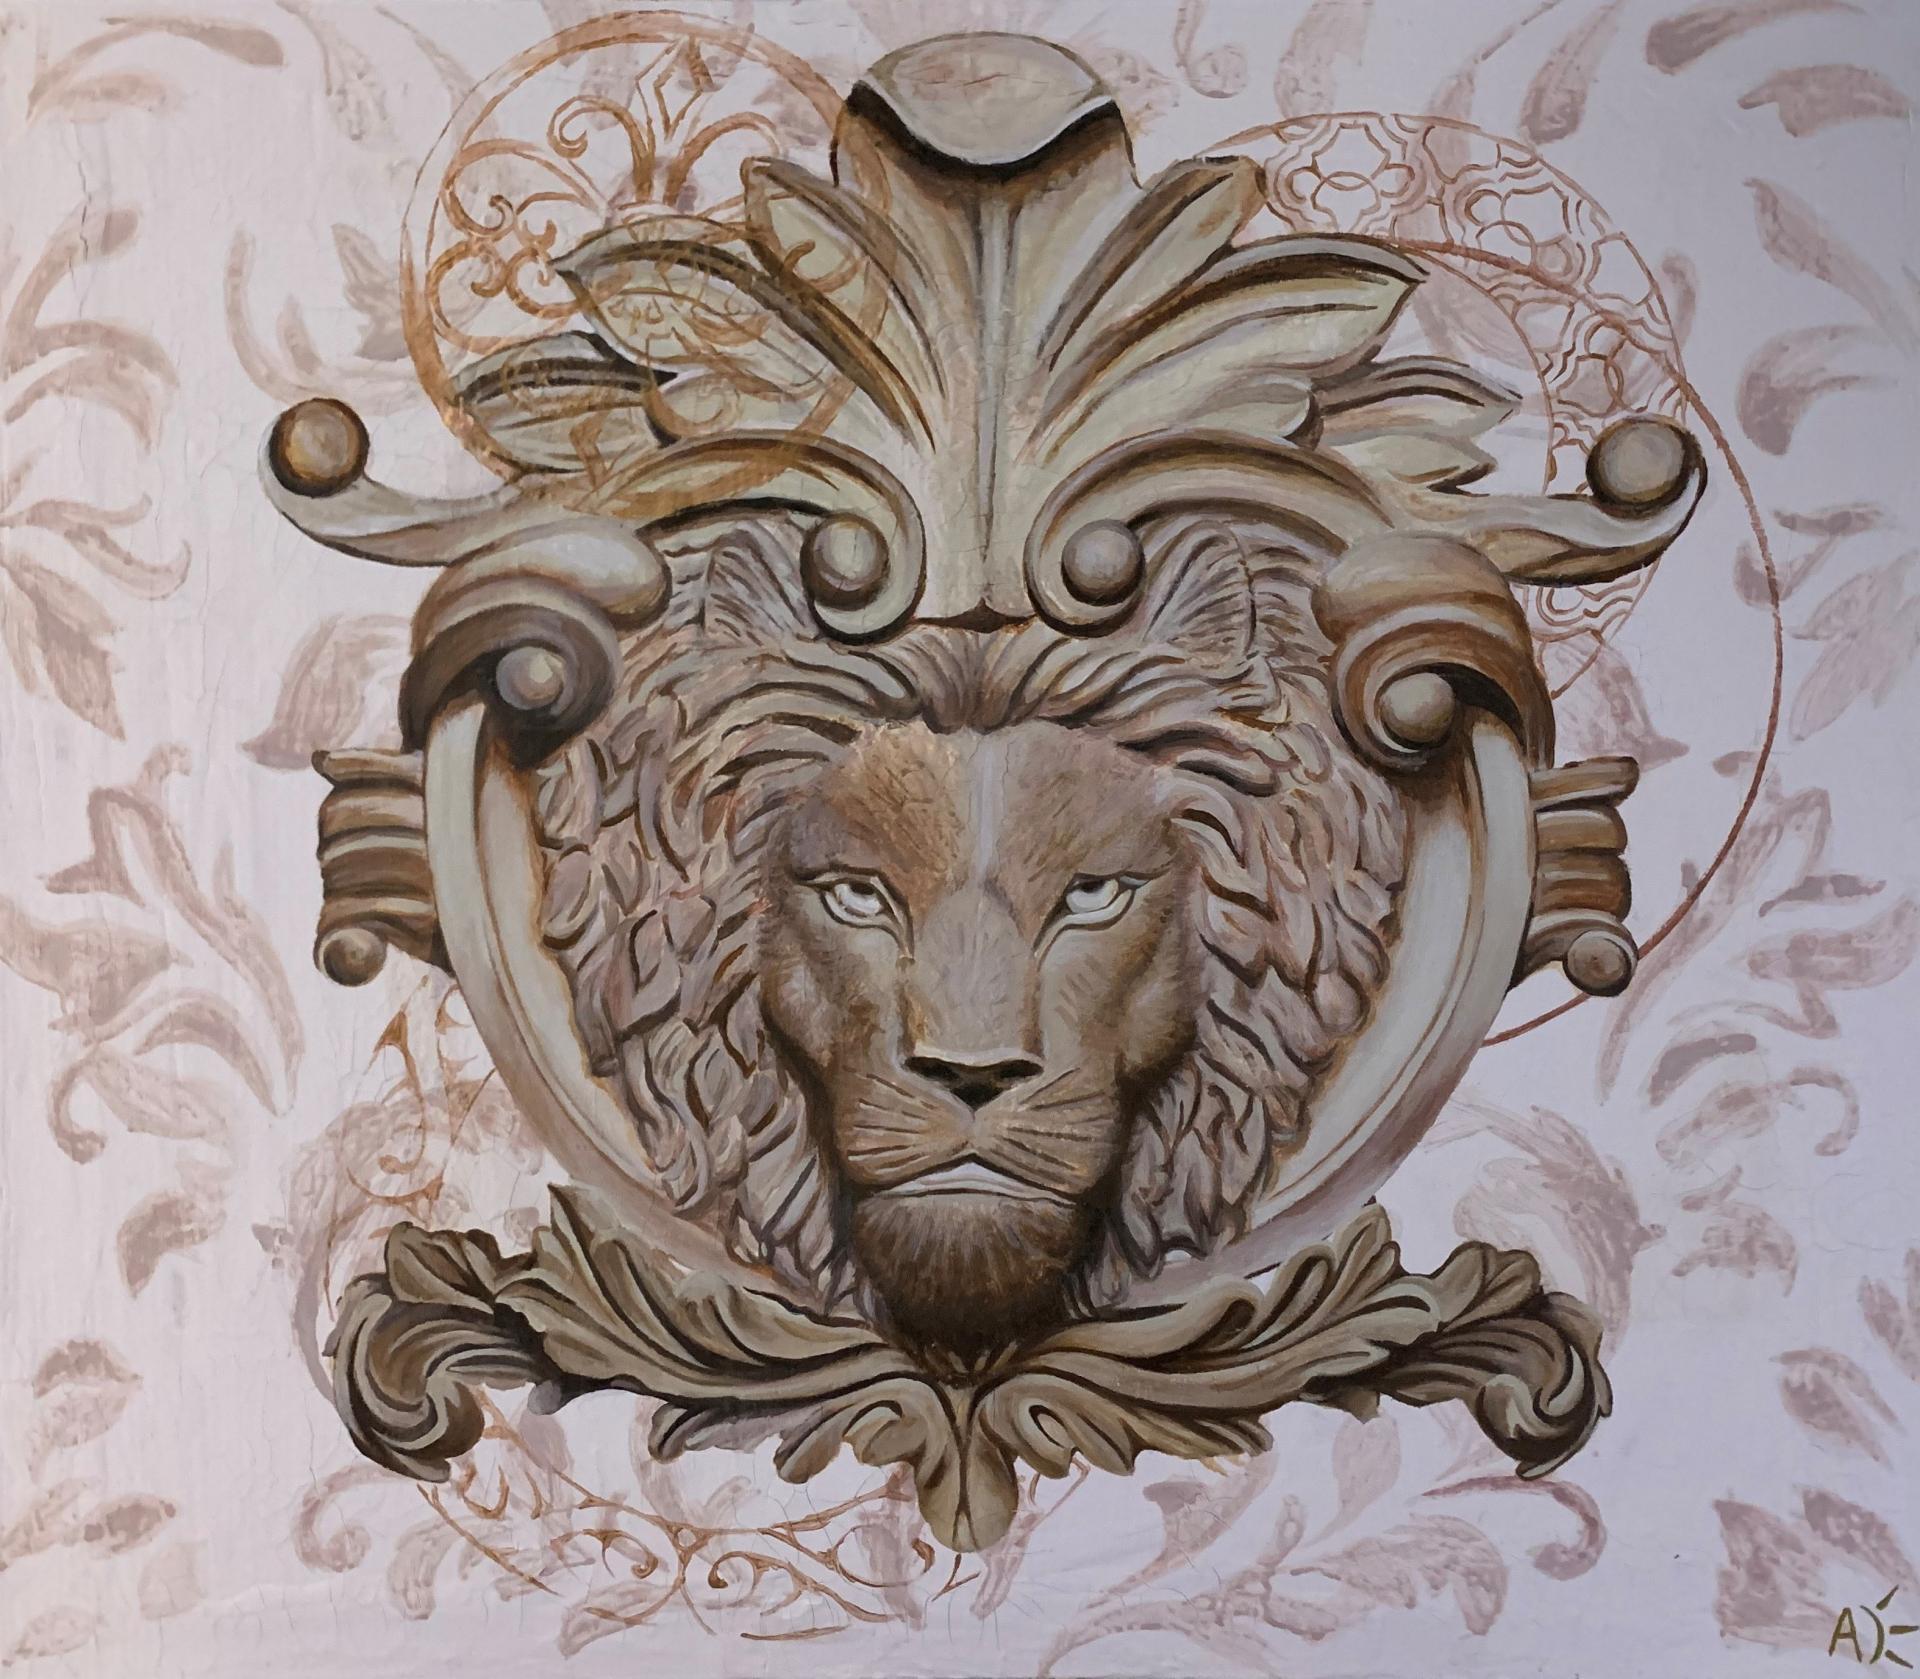 Lion de Nemée, 2021, Nîmes Peinture acrylique sur toile recyclé, couleur bronze et or.